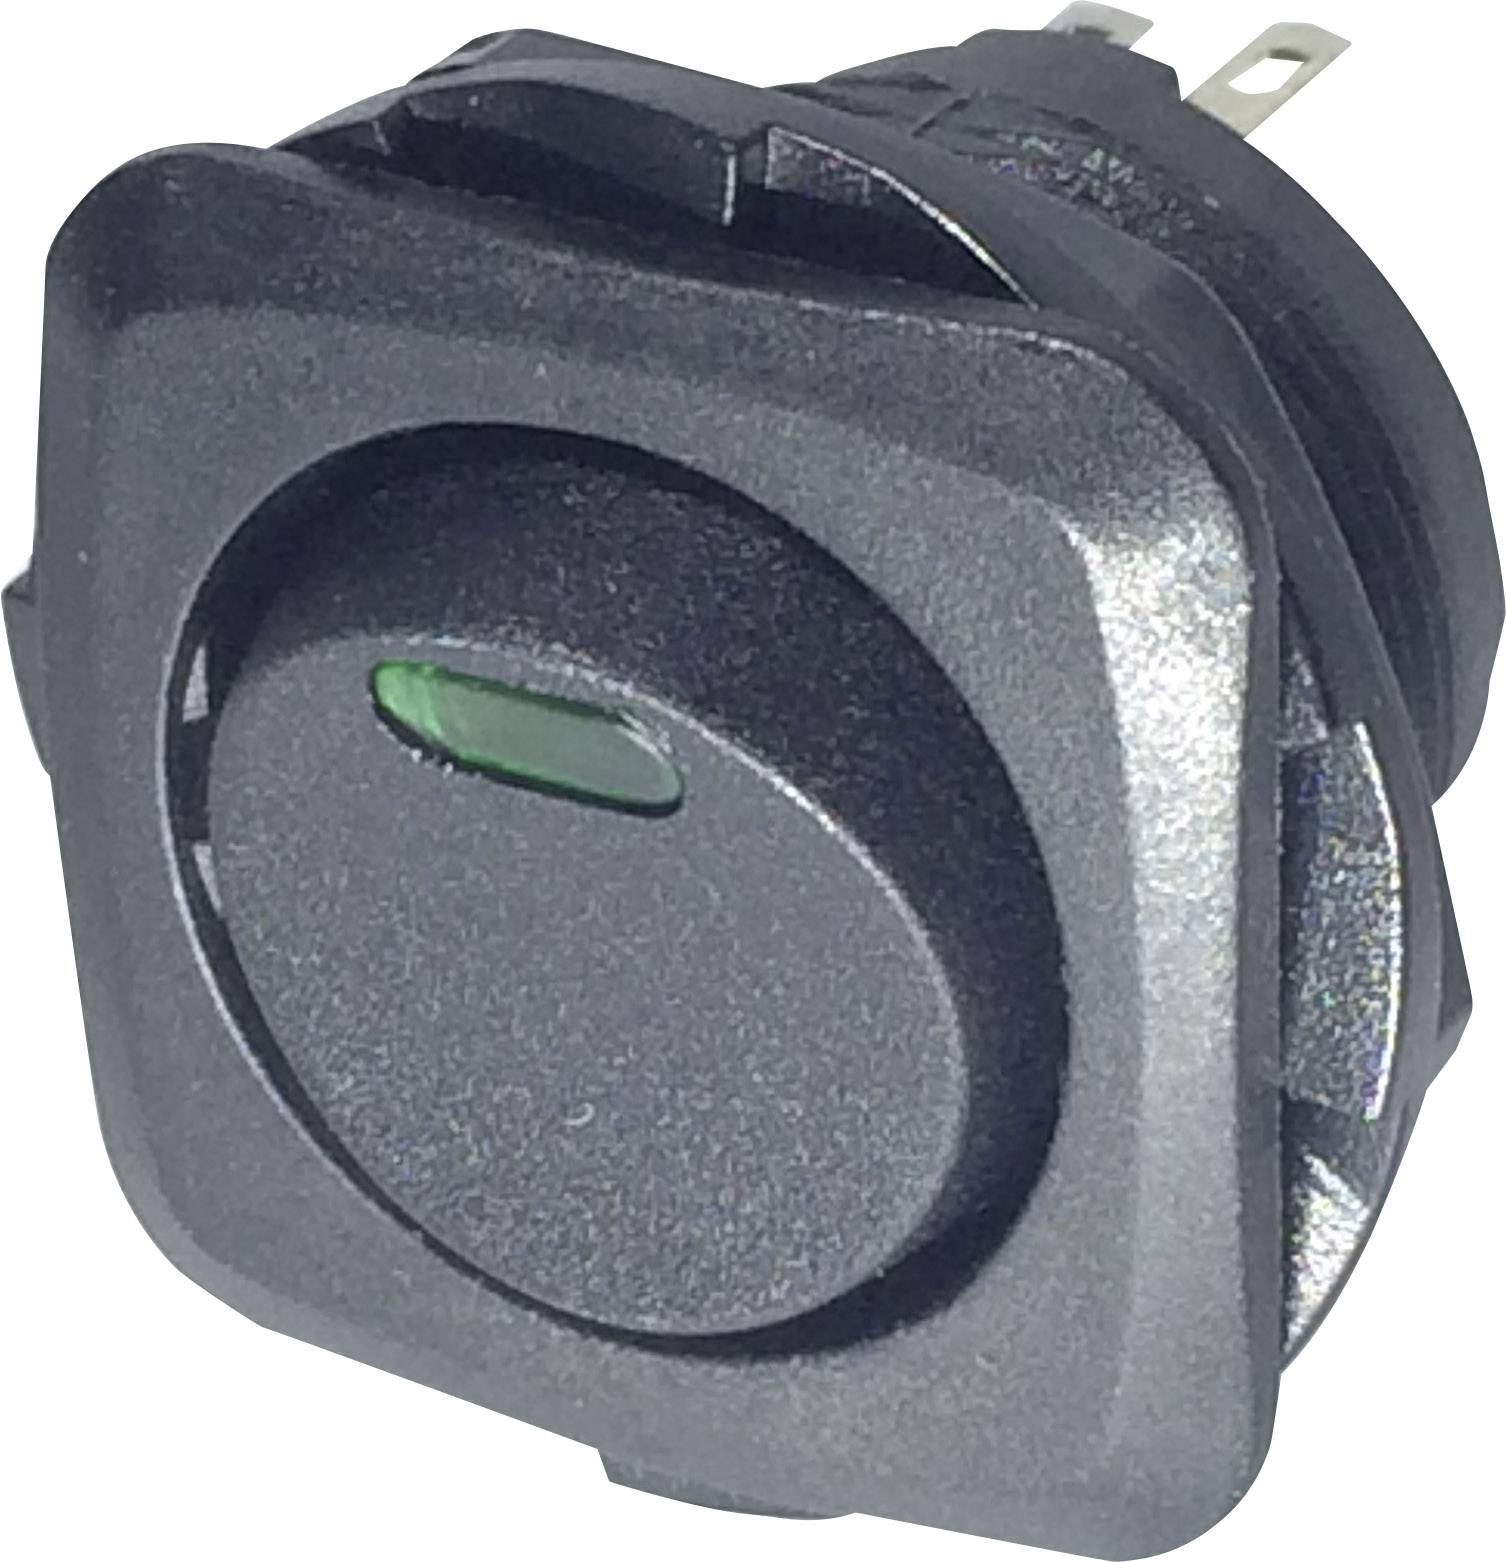 Kolískový spínač s aretáciou SCI R13-135L-02, 250 V/AC, 10 A